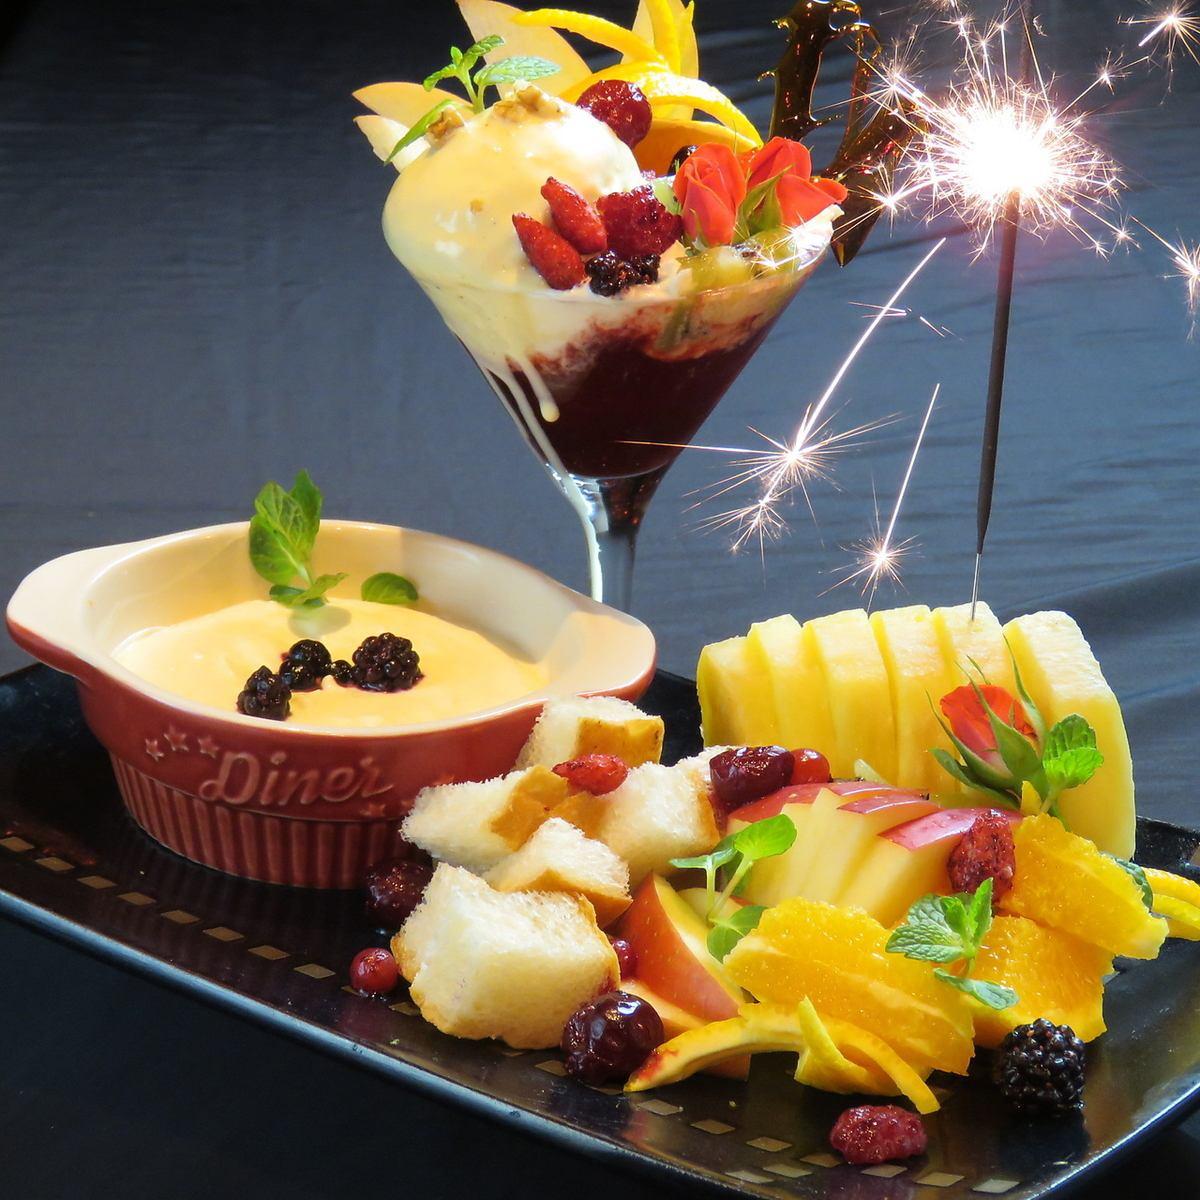 생일이나 기념일의 새로운 간판! 차가운 치즈 퐁듀는 어떠세요? ♪